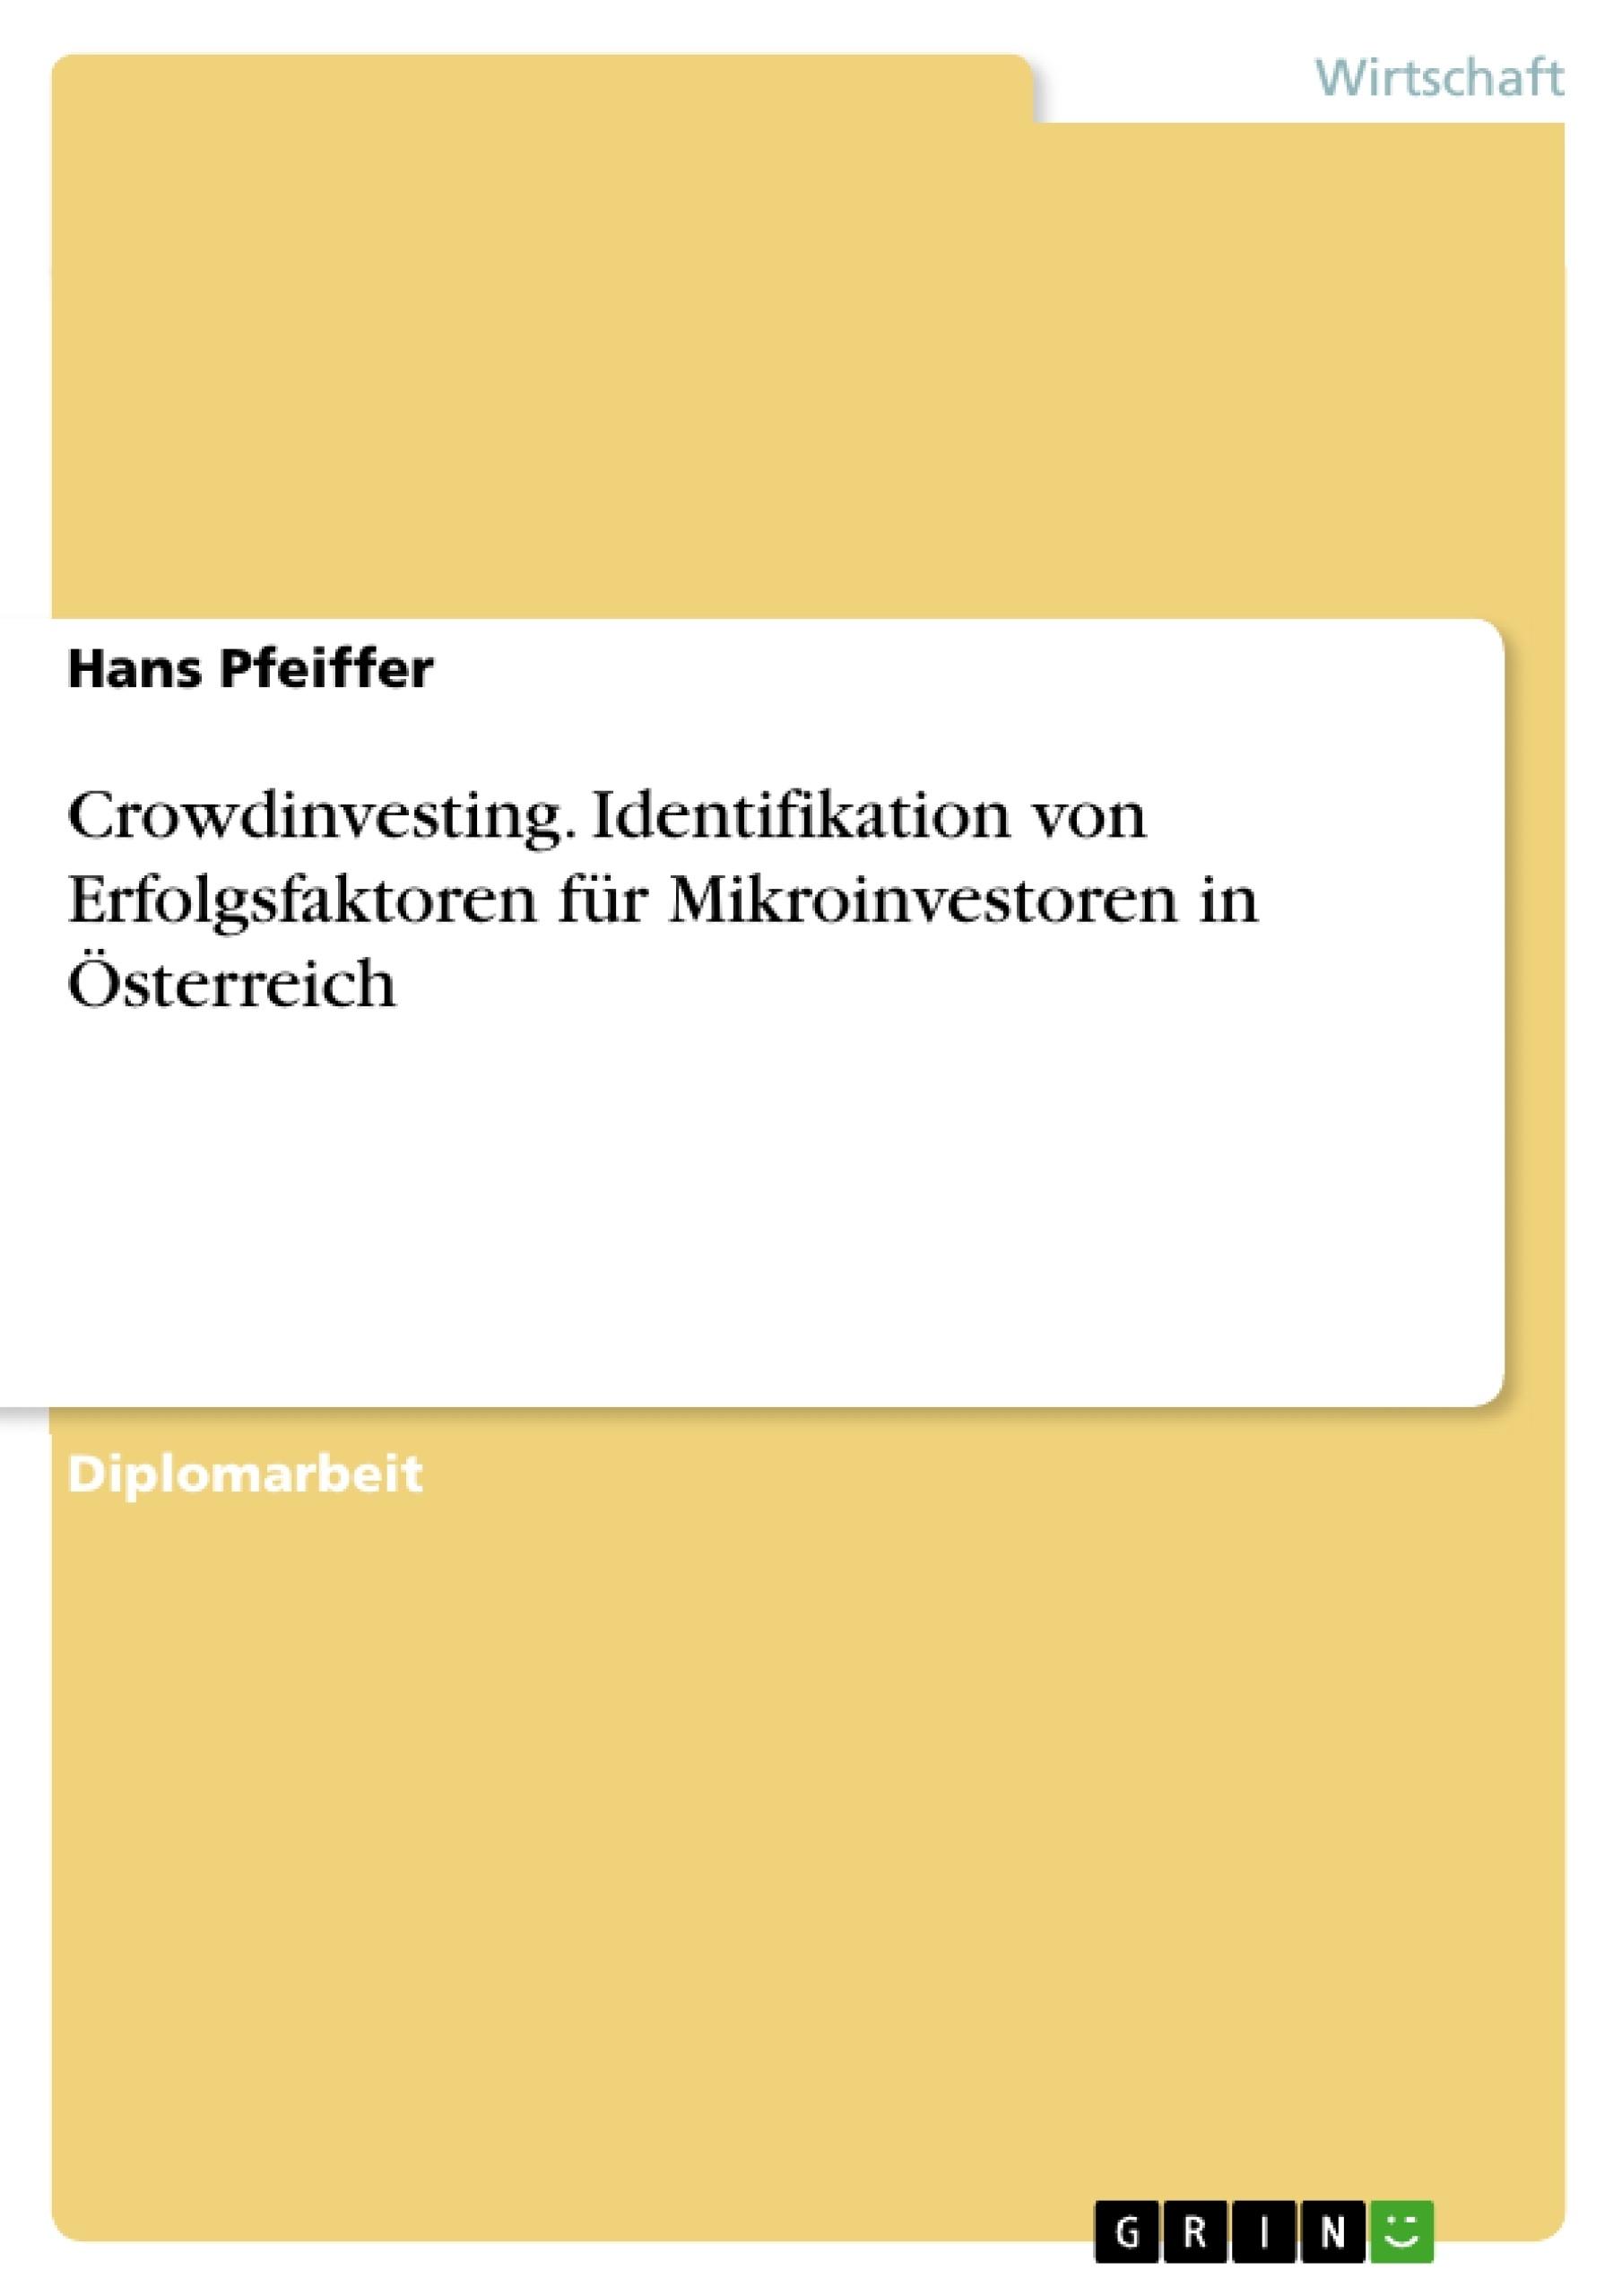 Titel: Crowdinvesting. Identifikation von Erfolgsfaktoren für Mikroinvestoren in Österreich